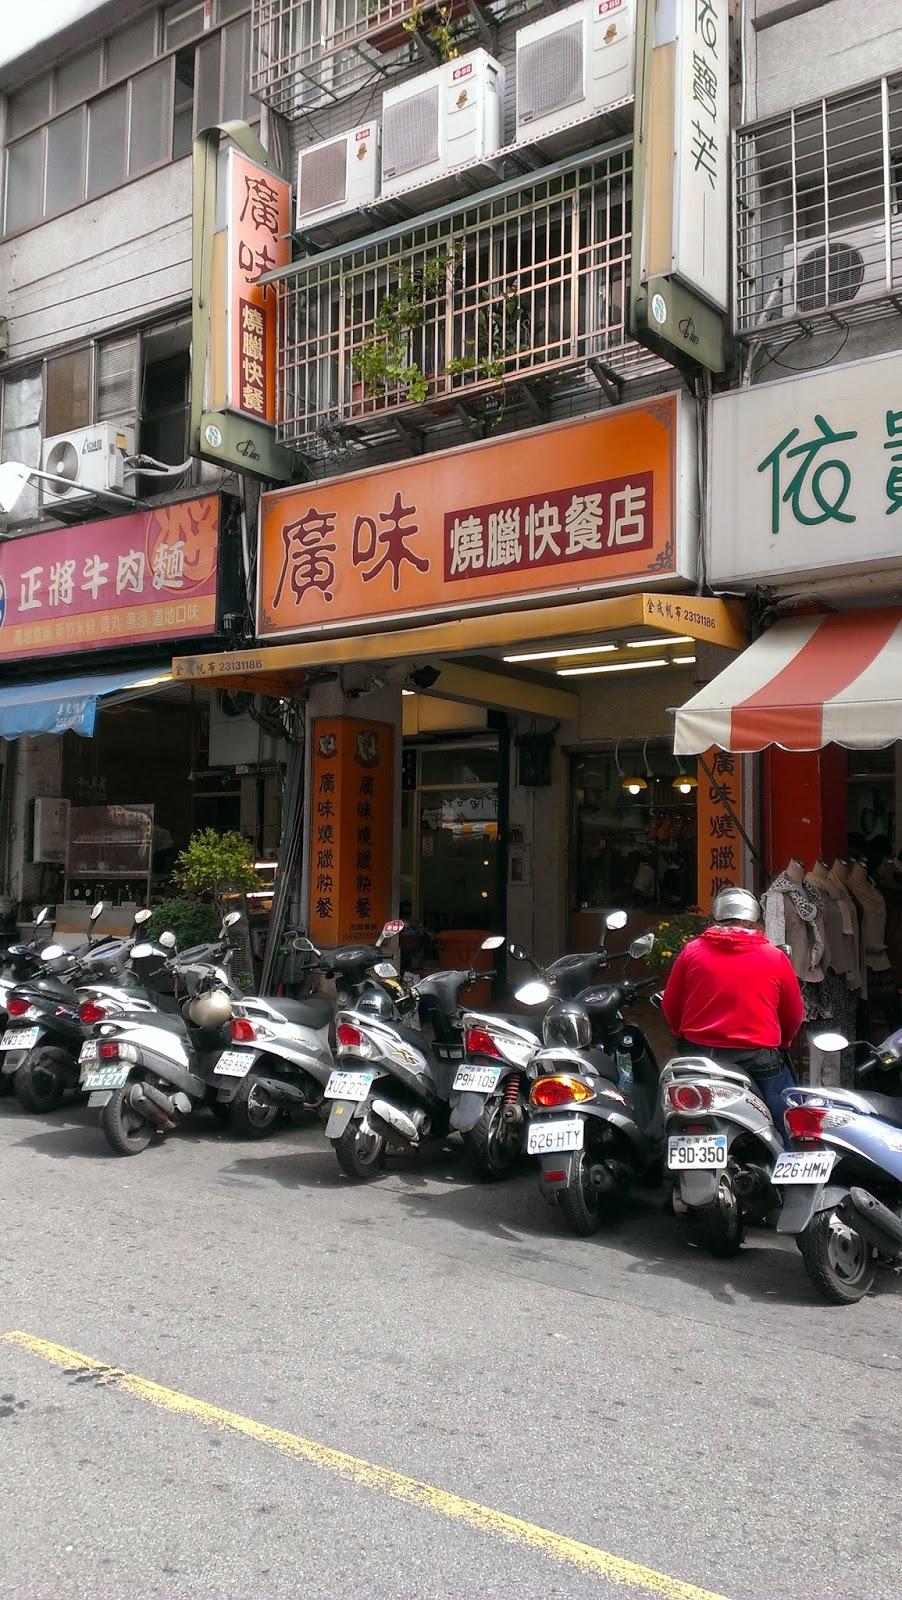 【臺中西區】廣味燒臘快餐店 中美街排隊也要吃的燒臘店 :: 宅宅的網站